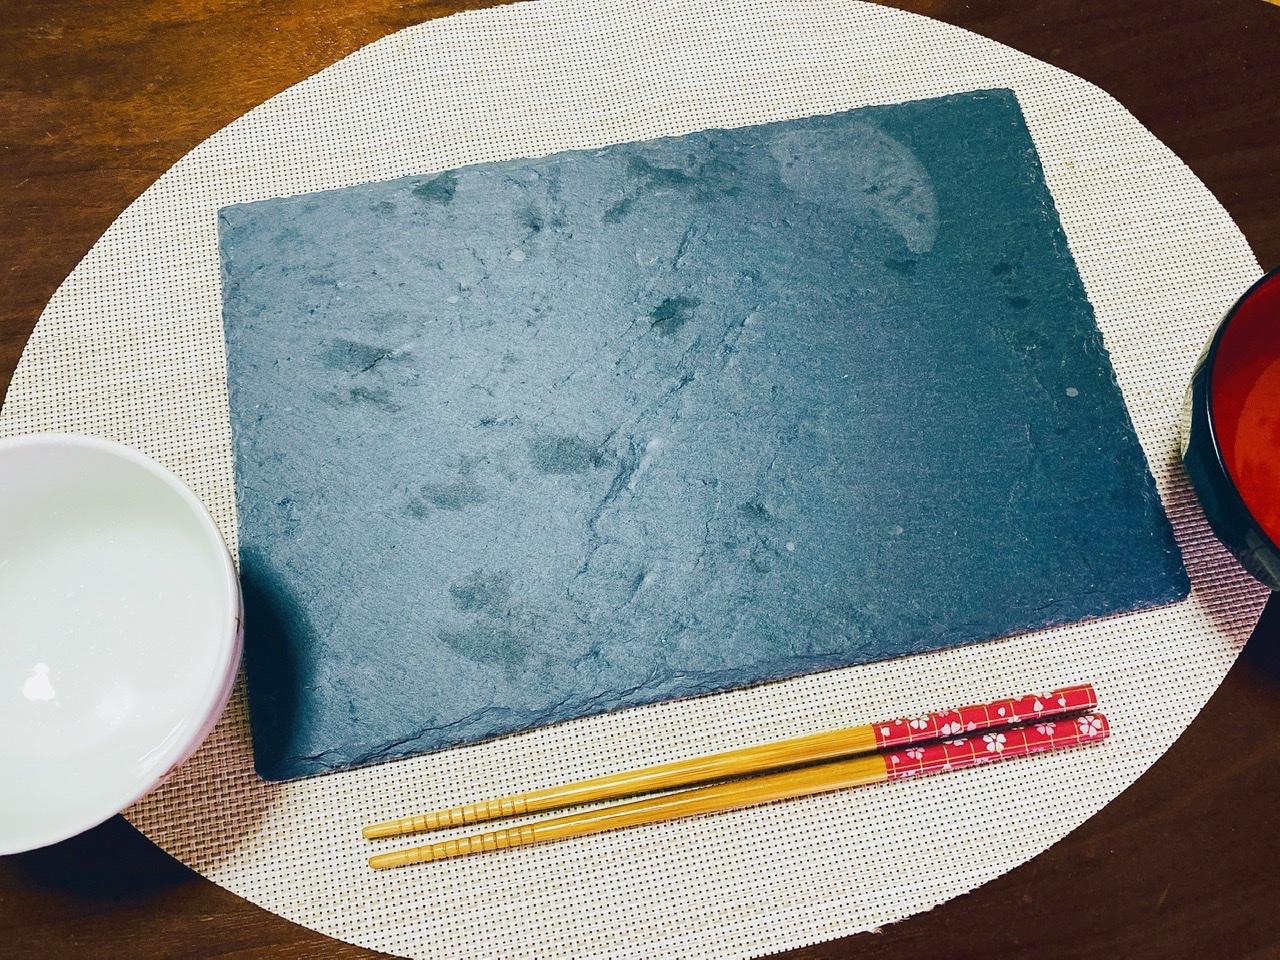 【ダイソー】料理が映える!黒い天然石で作られた《スレートプレート》が超使える♡_2